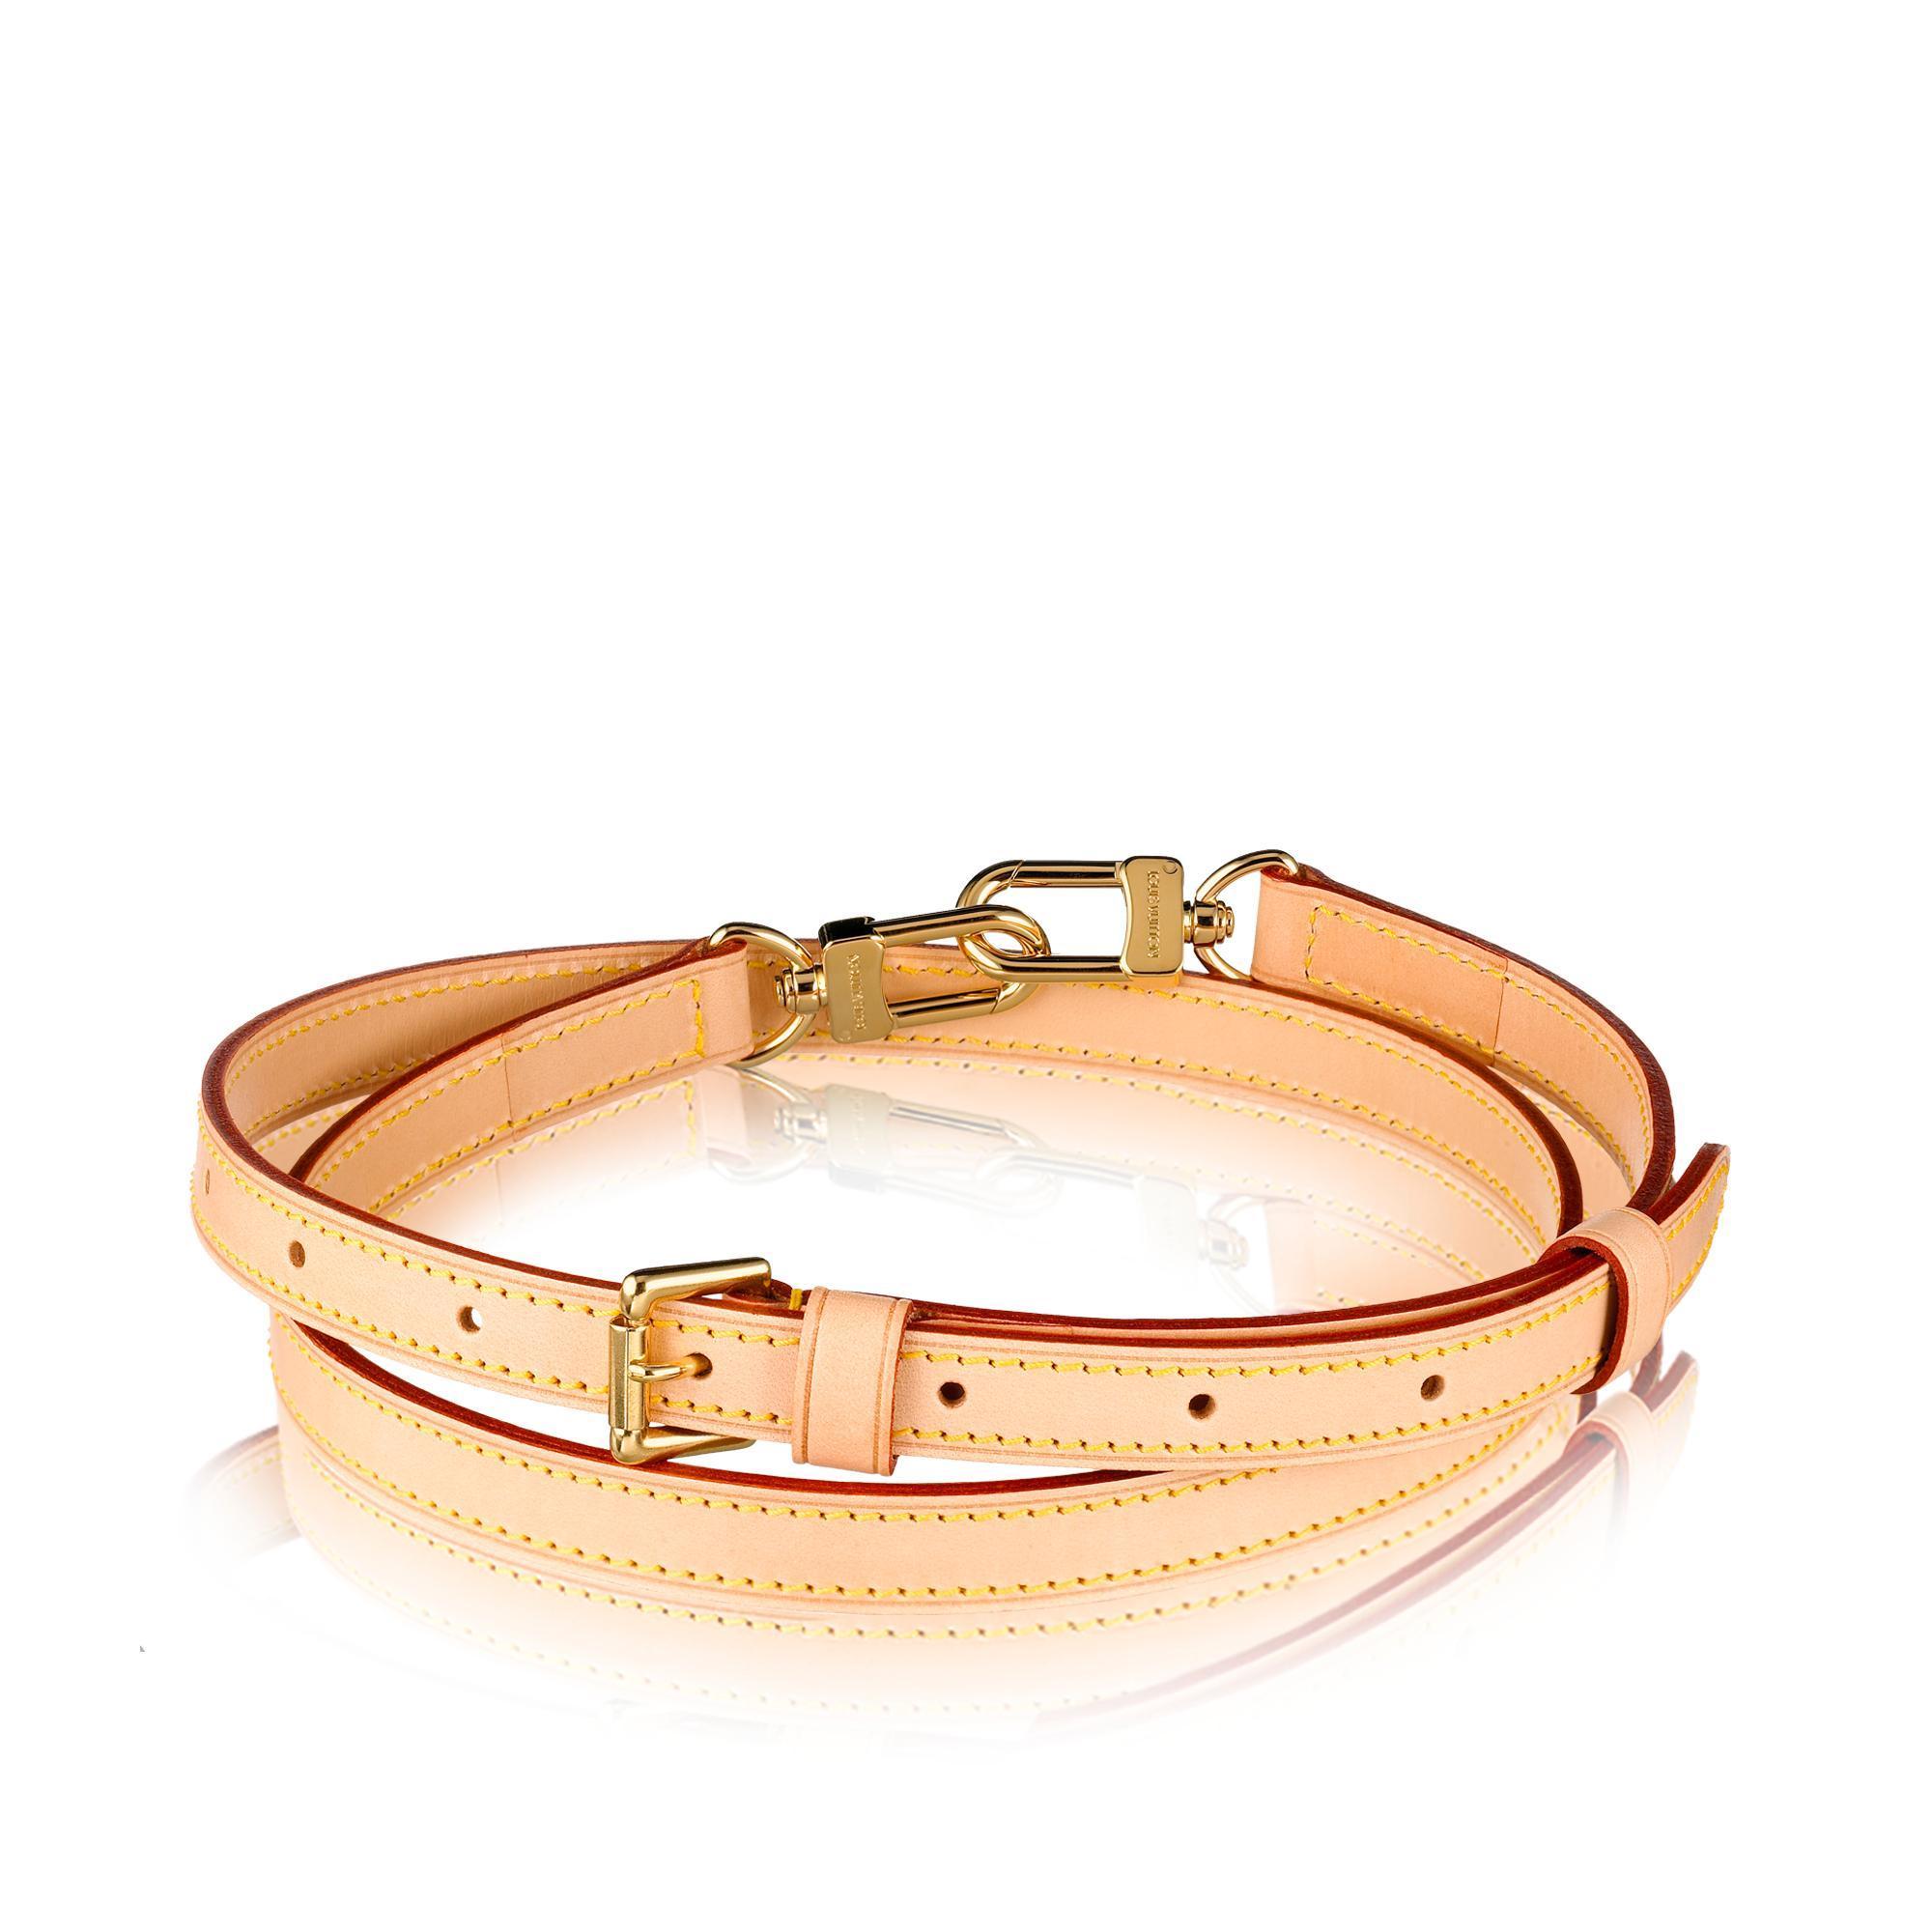 Louis Vuitton Adjustable Shoulder Strap 16 Mm Vvn 181cfdf0f8e4d